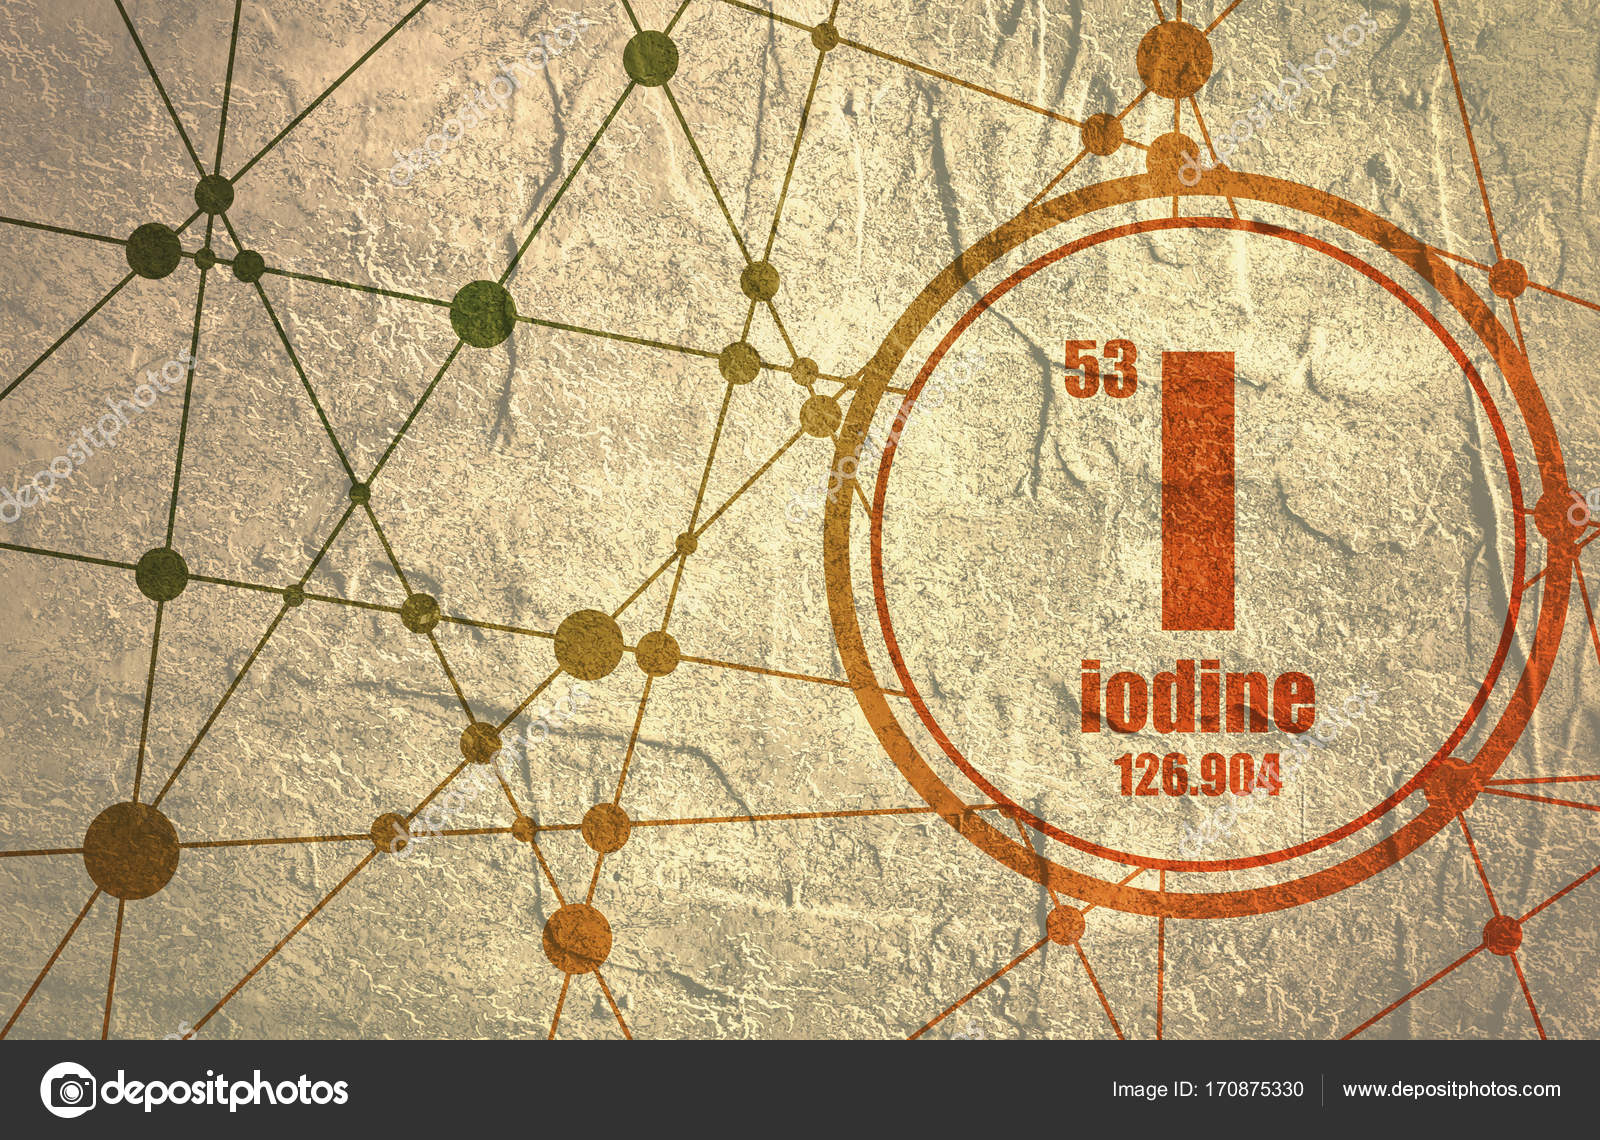 Iodine Chemical Element Stock Photo Jegasra 170875330